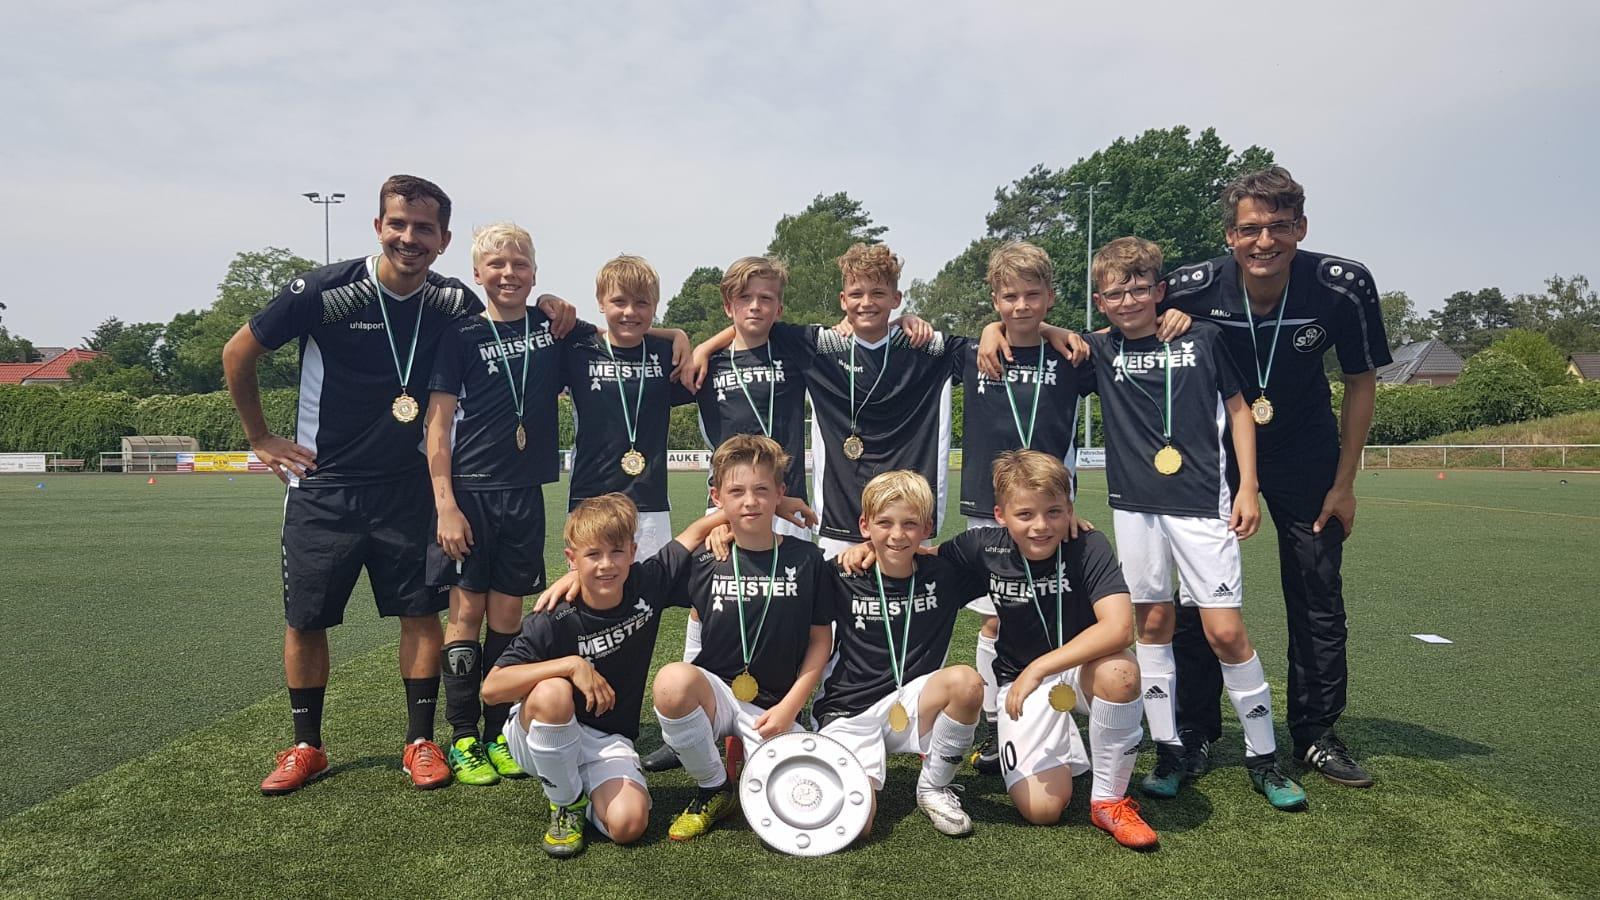 E1 gewinnt Kreismeisterschaft